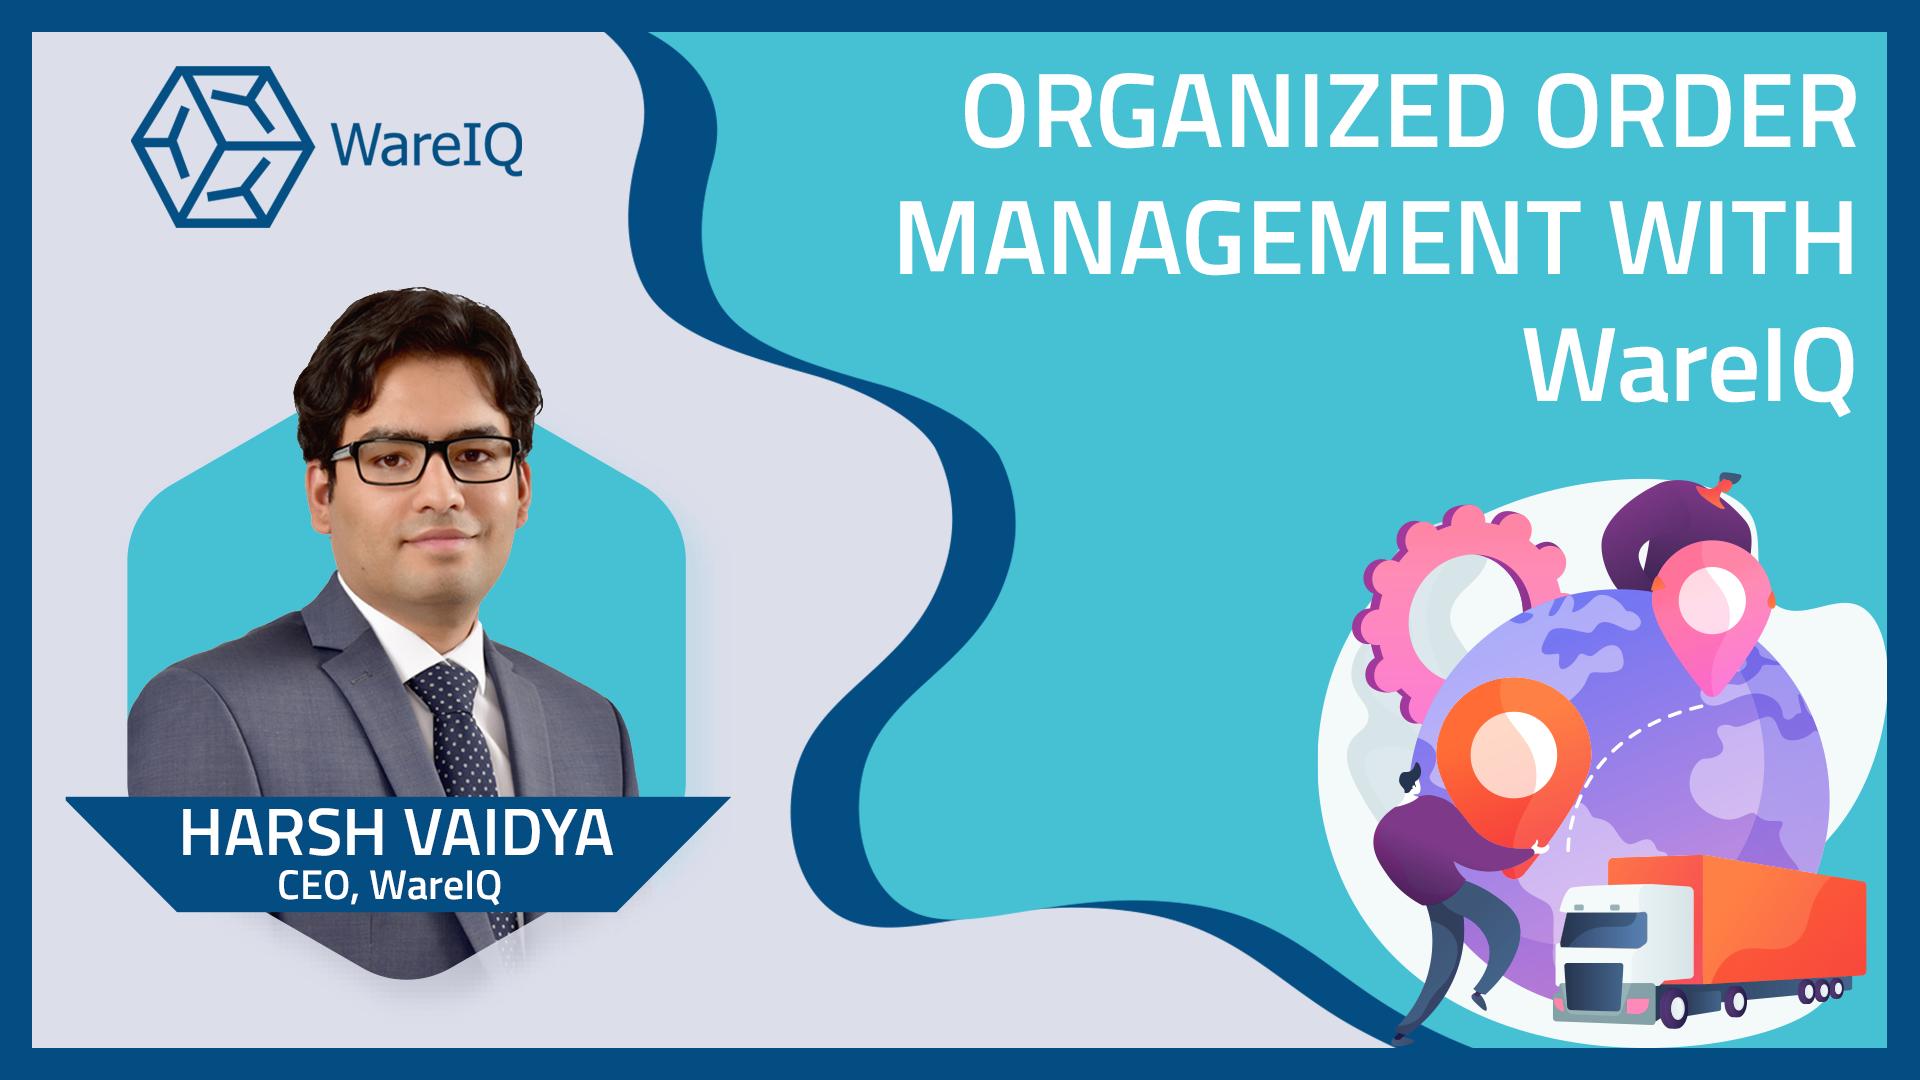 Organized Order Management with WareIQ